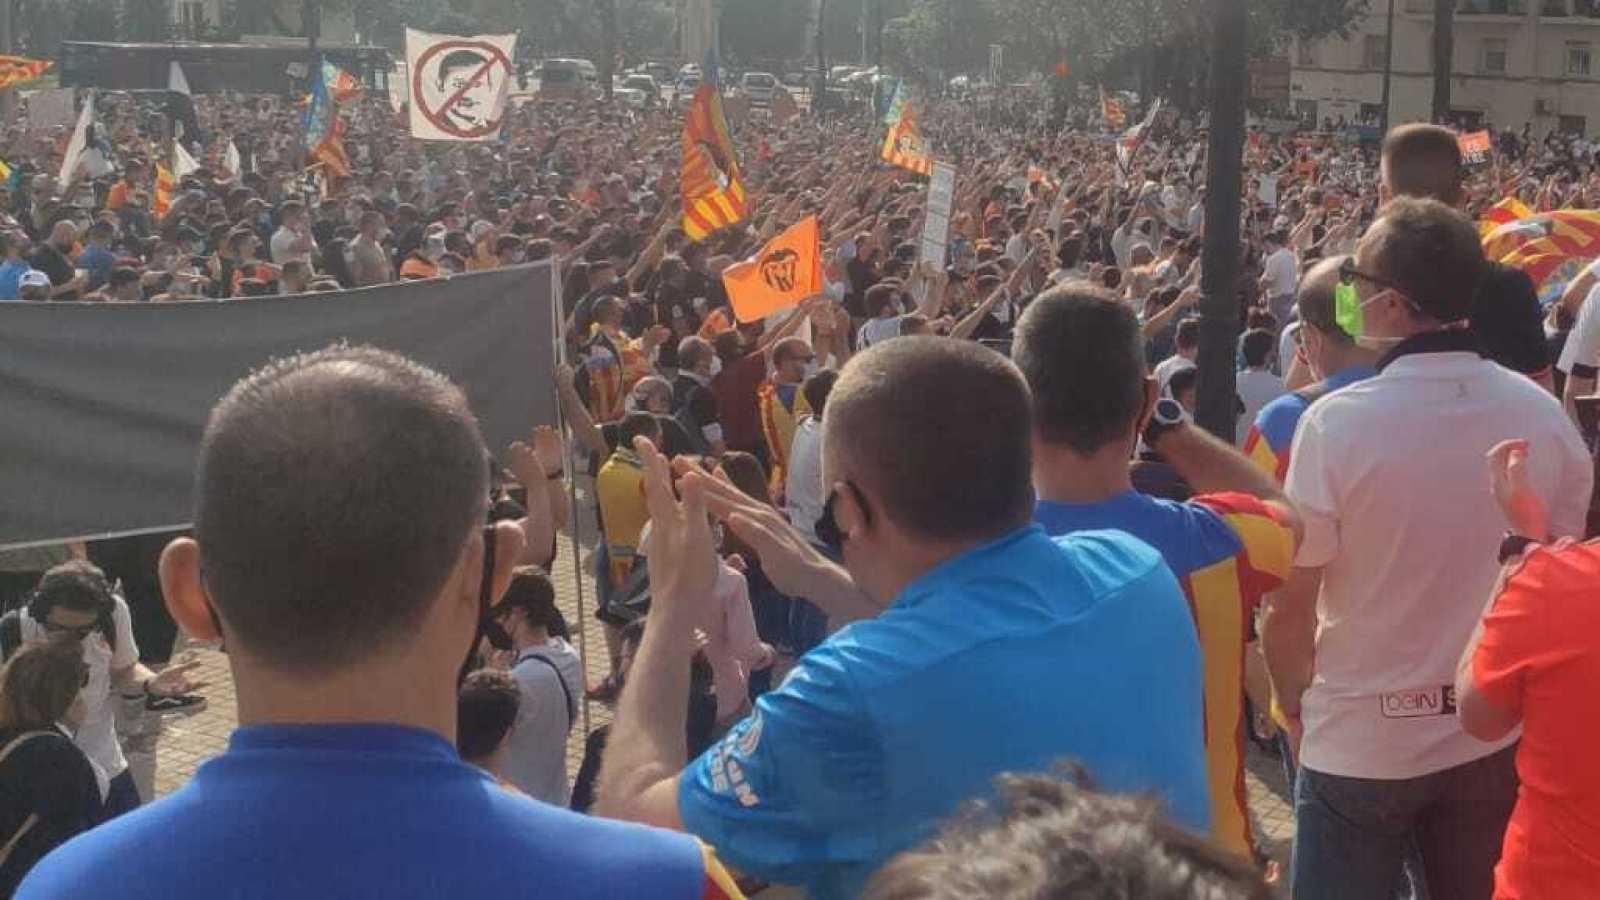 Tablero deportivo - La afición del Valencia se cansa de Peter Lim - Escuchar ahora